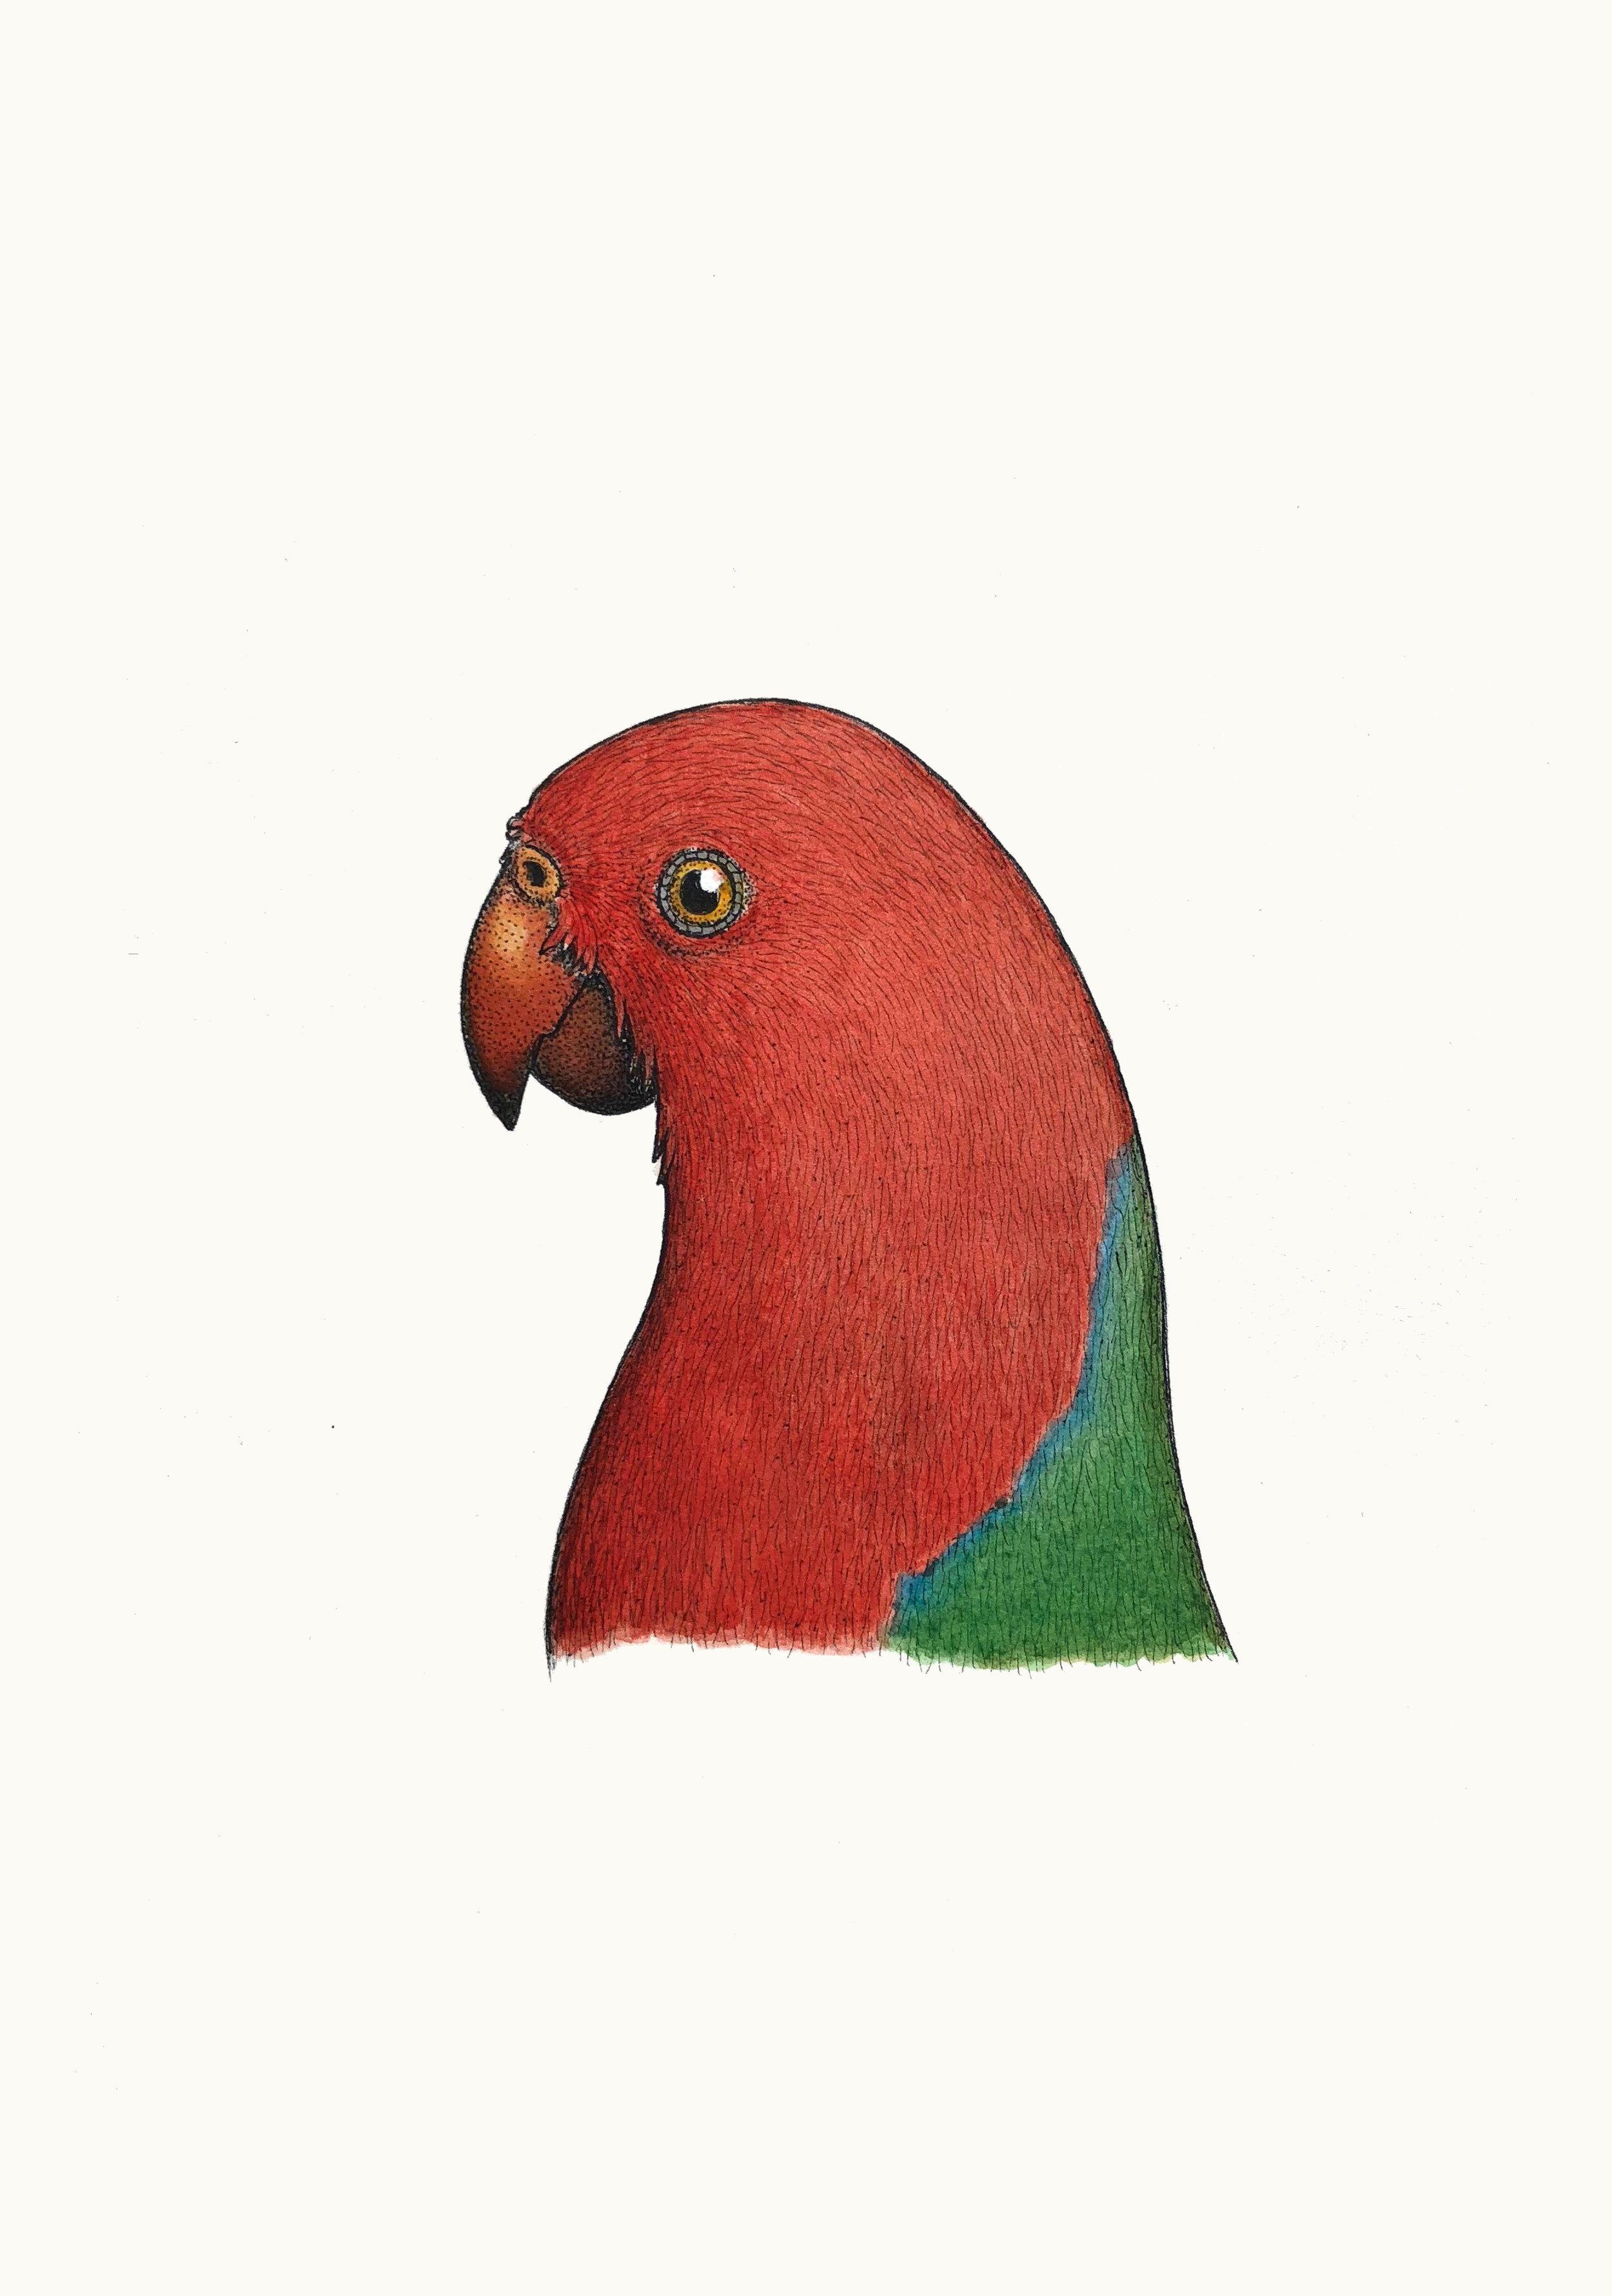 'Portrait of a King Parrot'